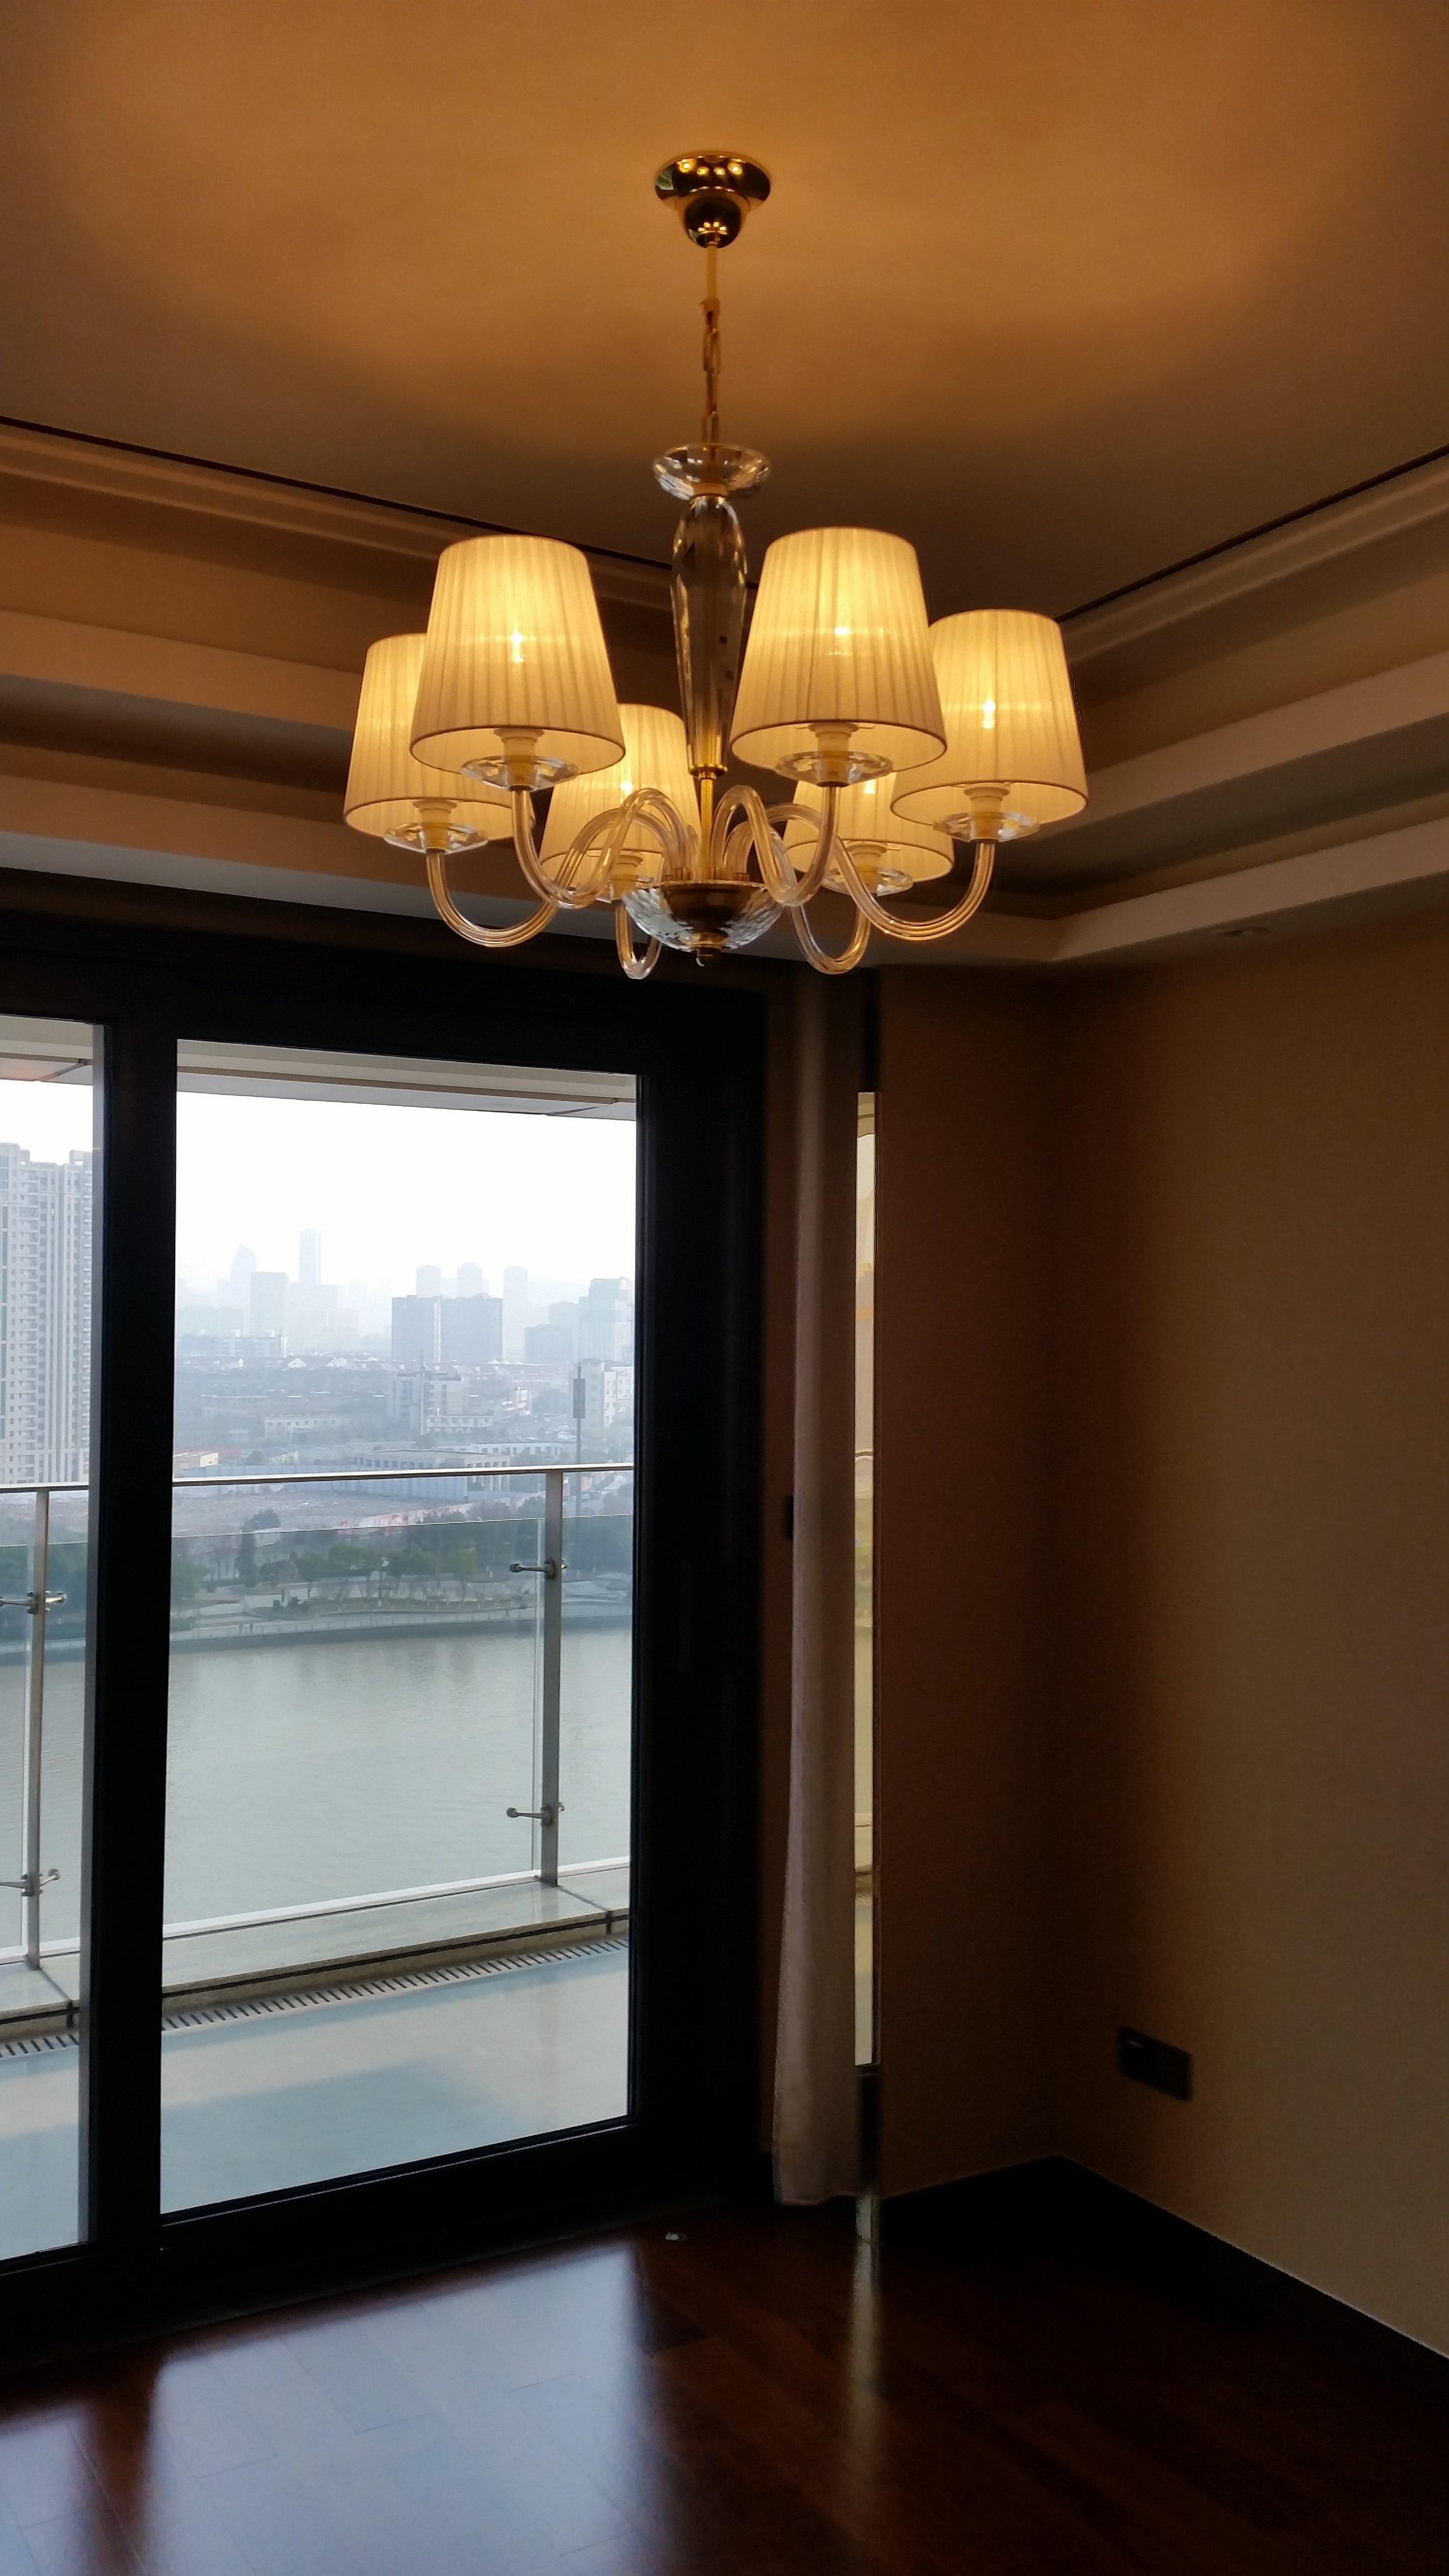 private-villa-china-wranovsky-crystal-chandelier-6.jpg